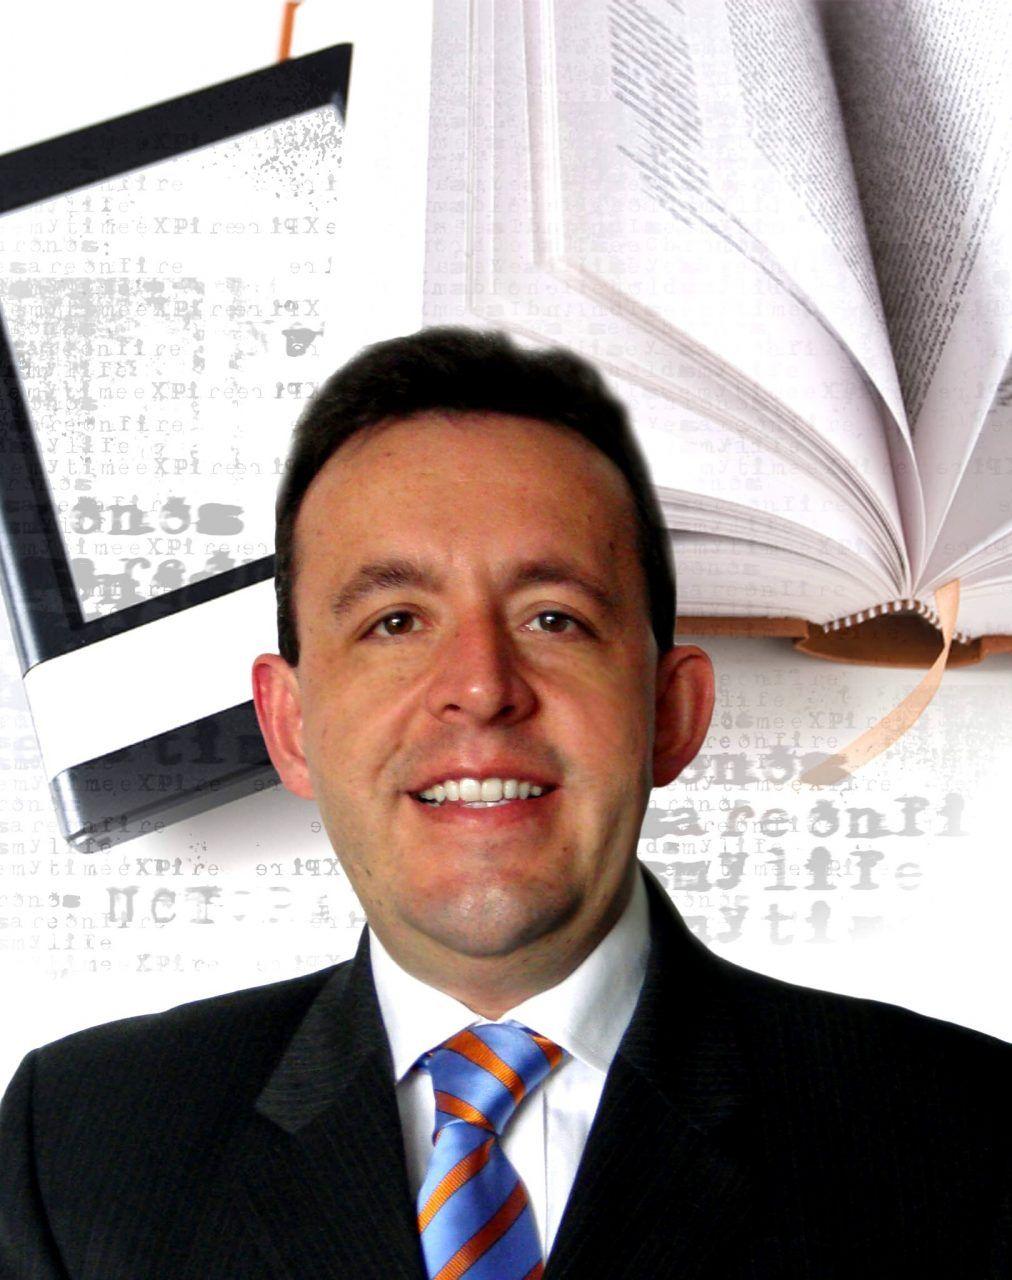 Jaime Iván Hurtado: Cambios en la distribución de los eBooks  # 022